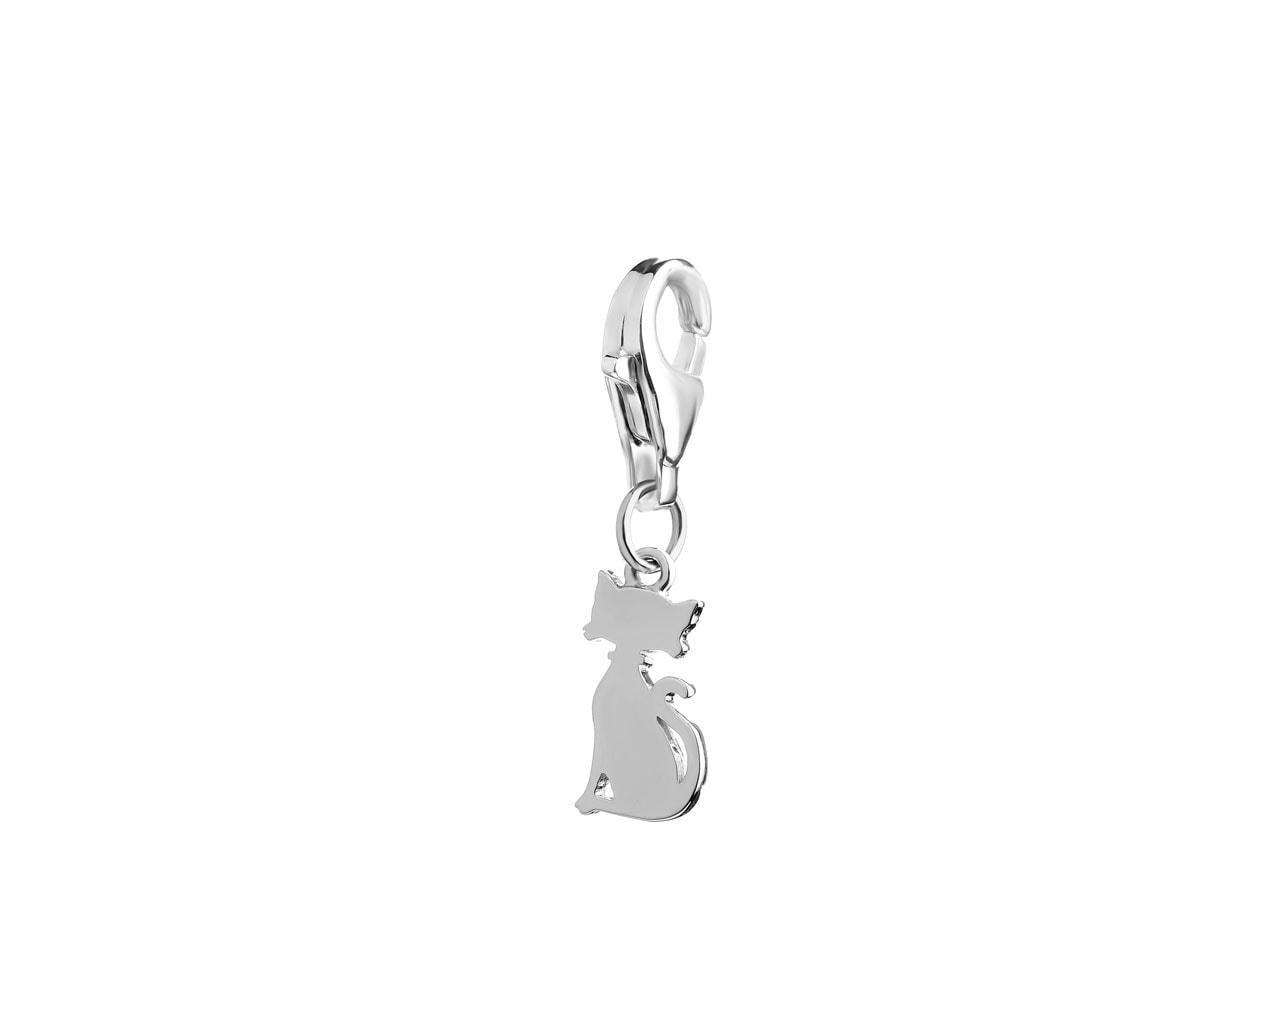 382a56ccd83131 Zawieszka srebrna charms - kot - wzór AP522-4133 / Apart